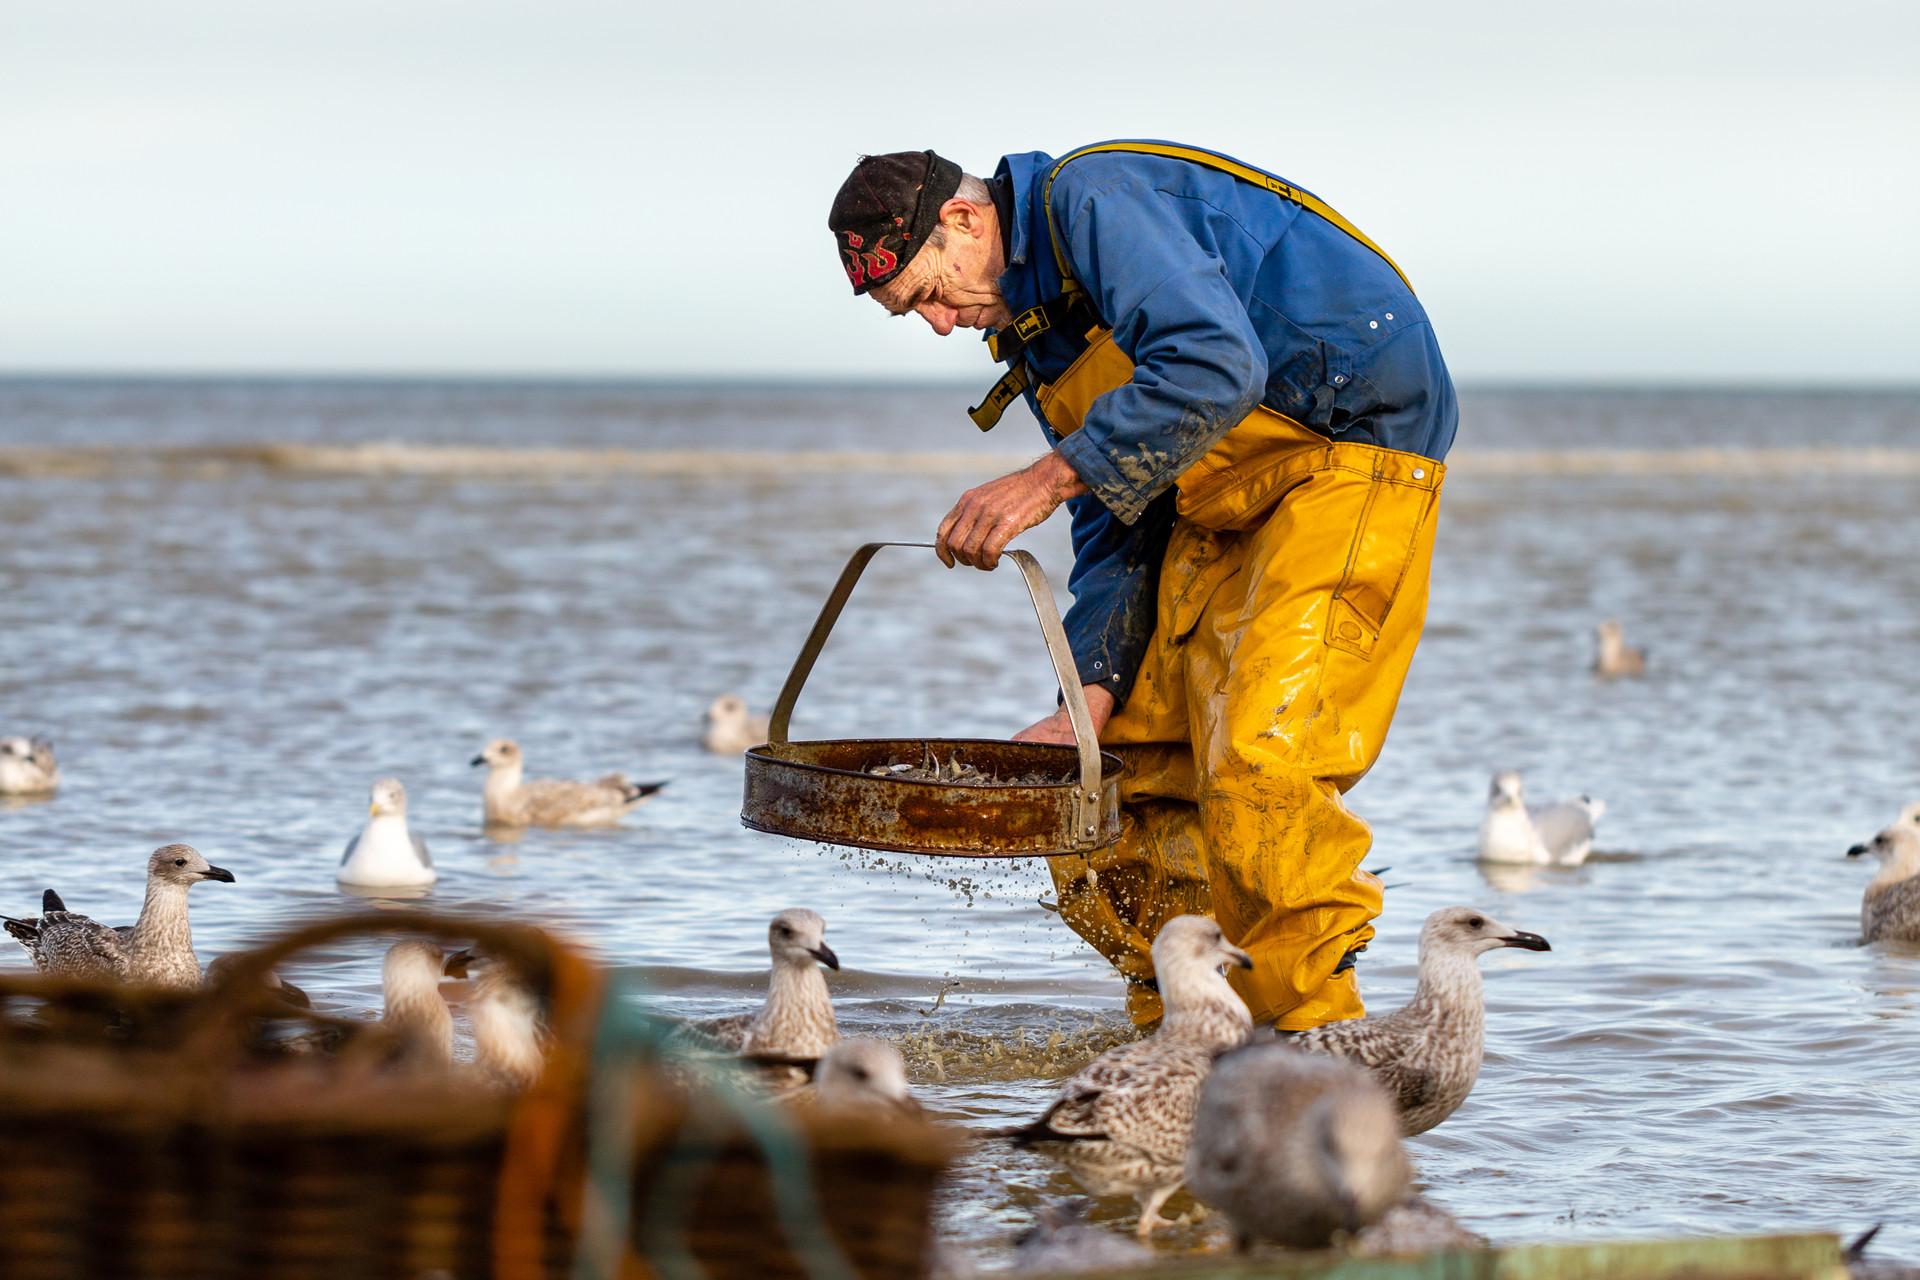 Research Horseback Fisherman